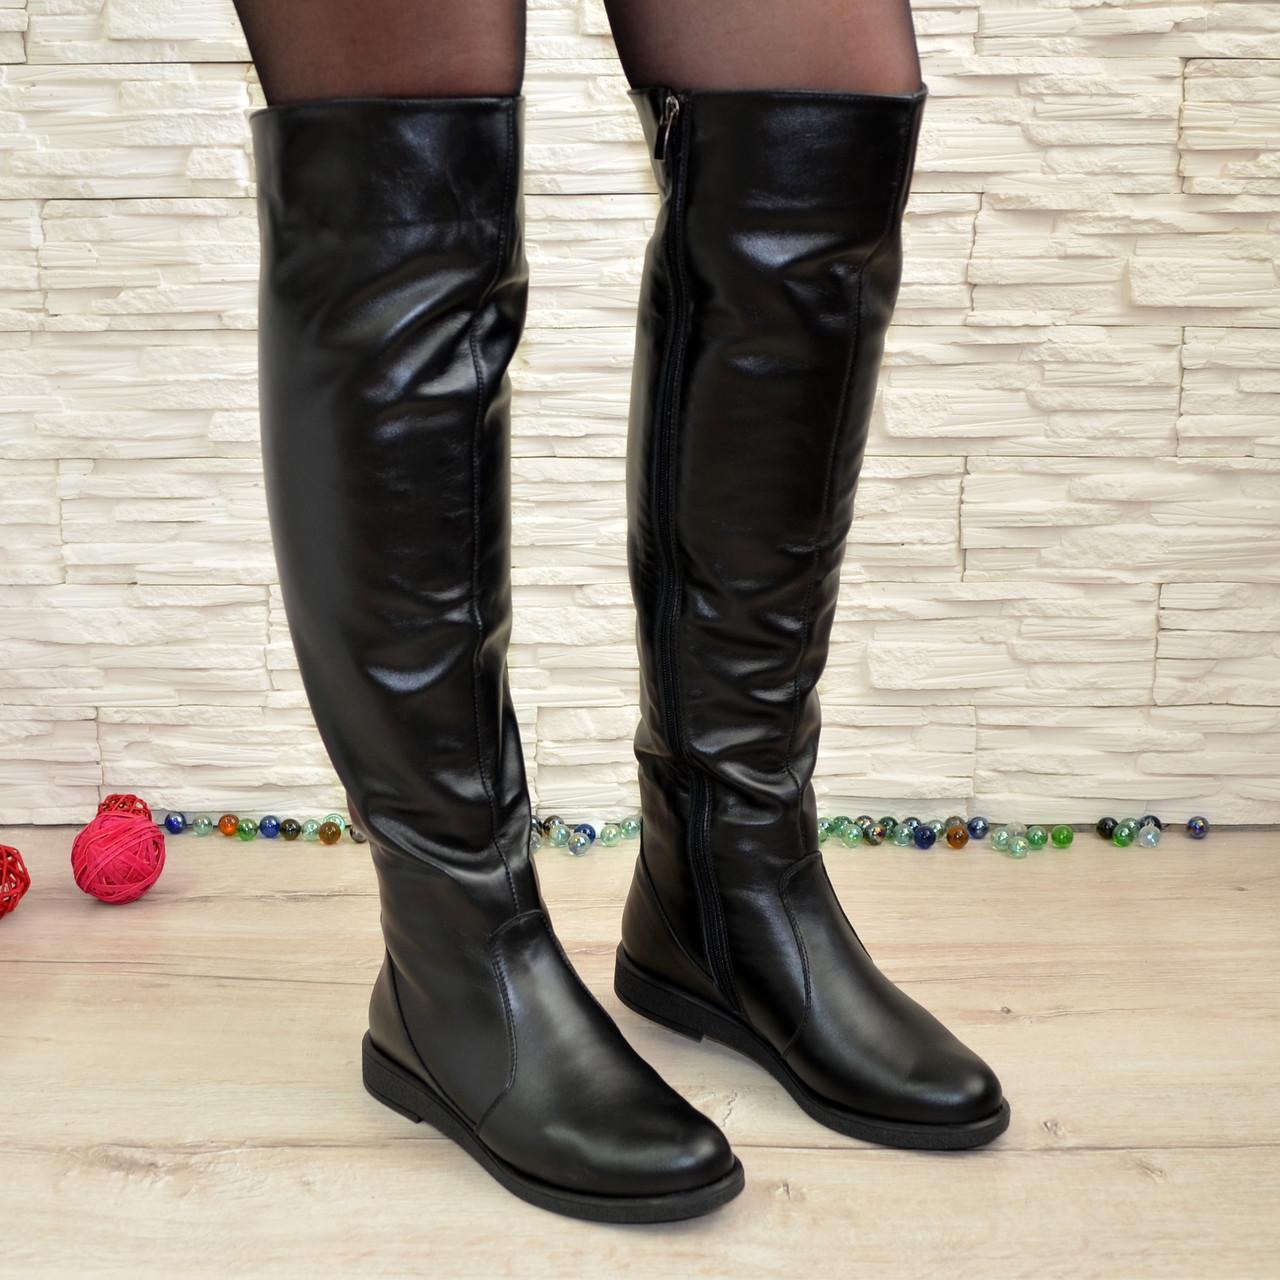 75ad73b96 Женские кожаные зимние ботфорты на низком ходу: продажа, цена в ...